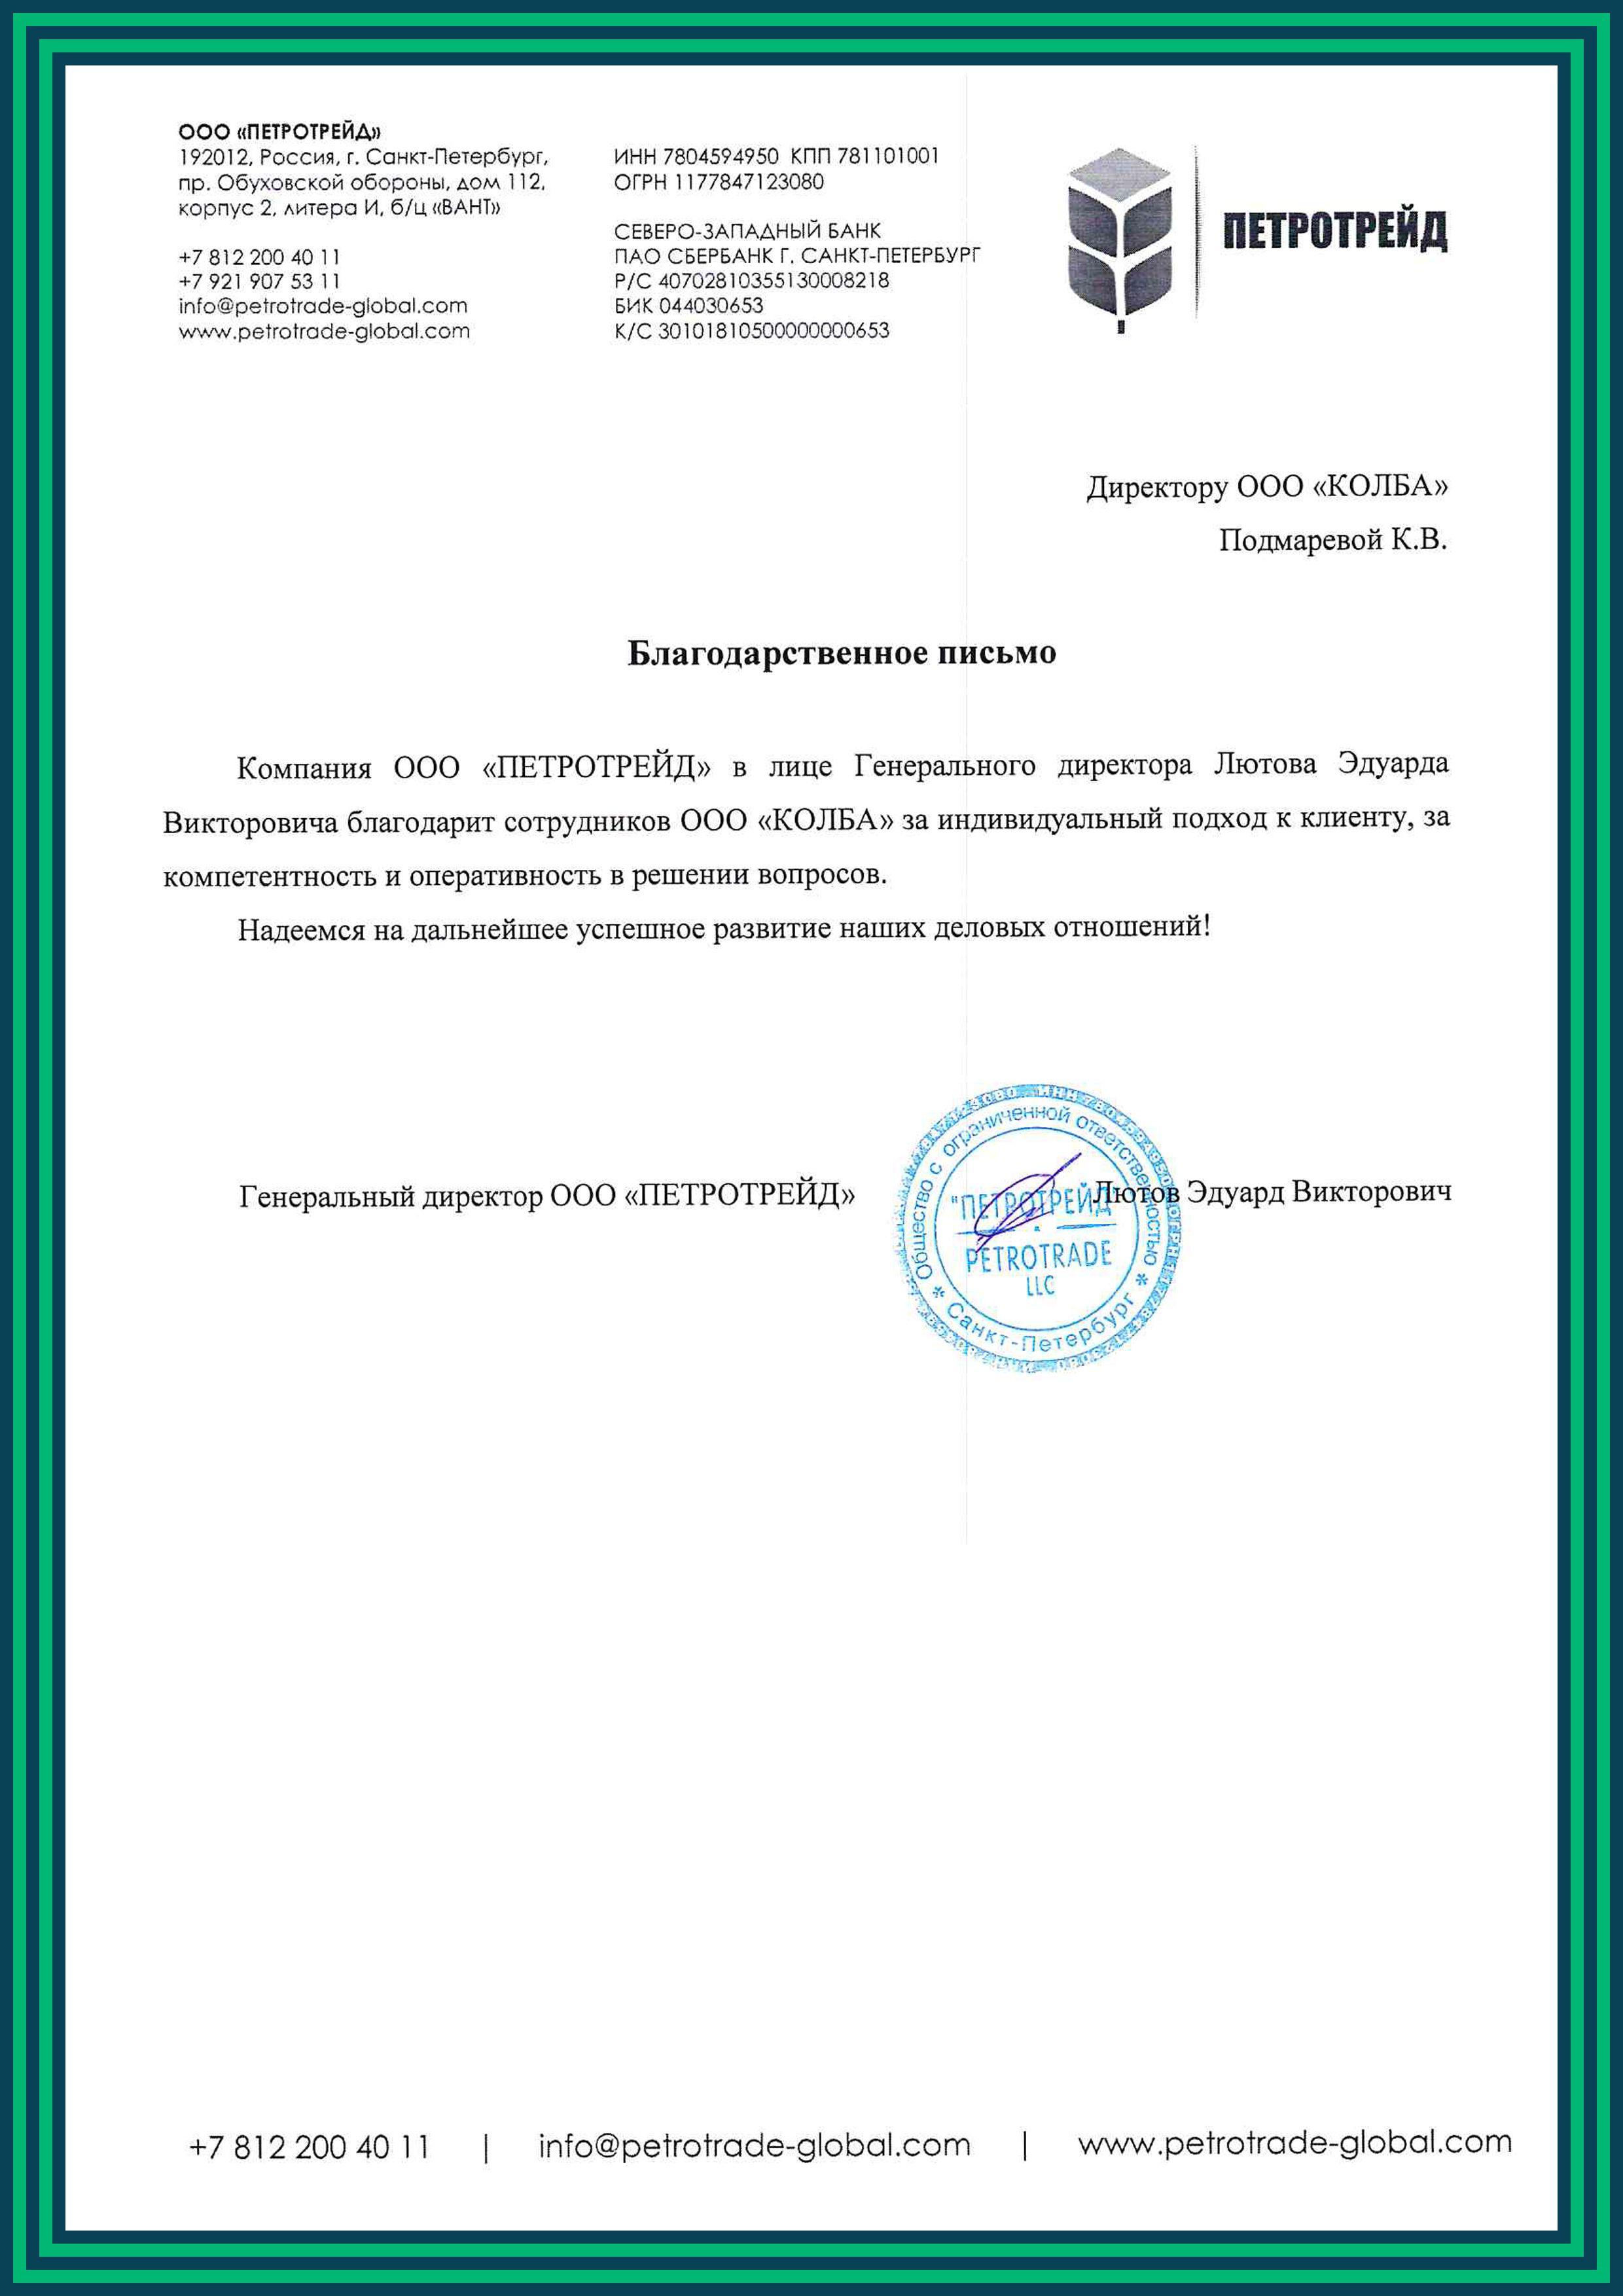 Благодарственное письмо от ООО Петротрейд